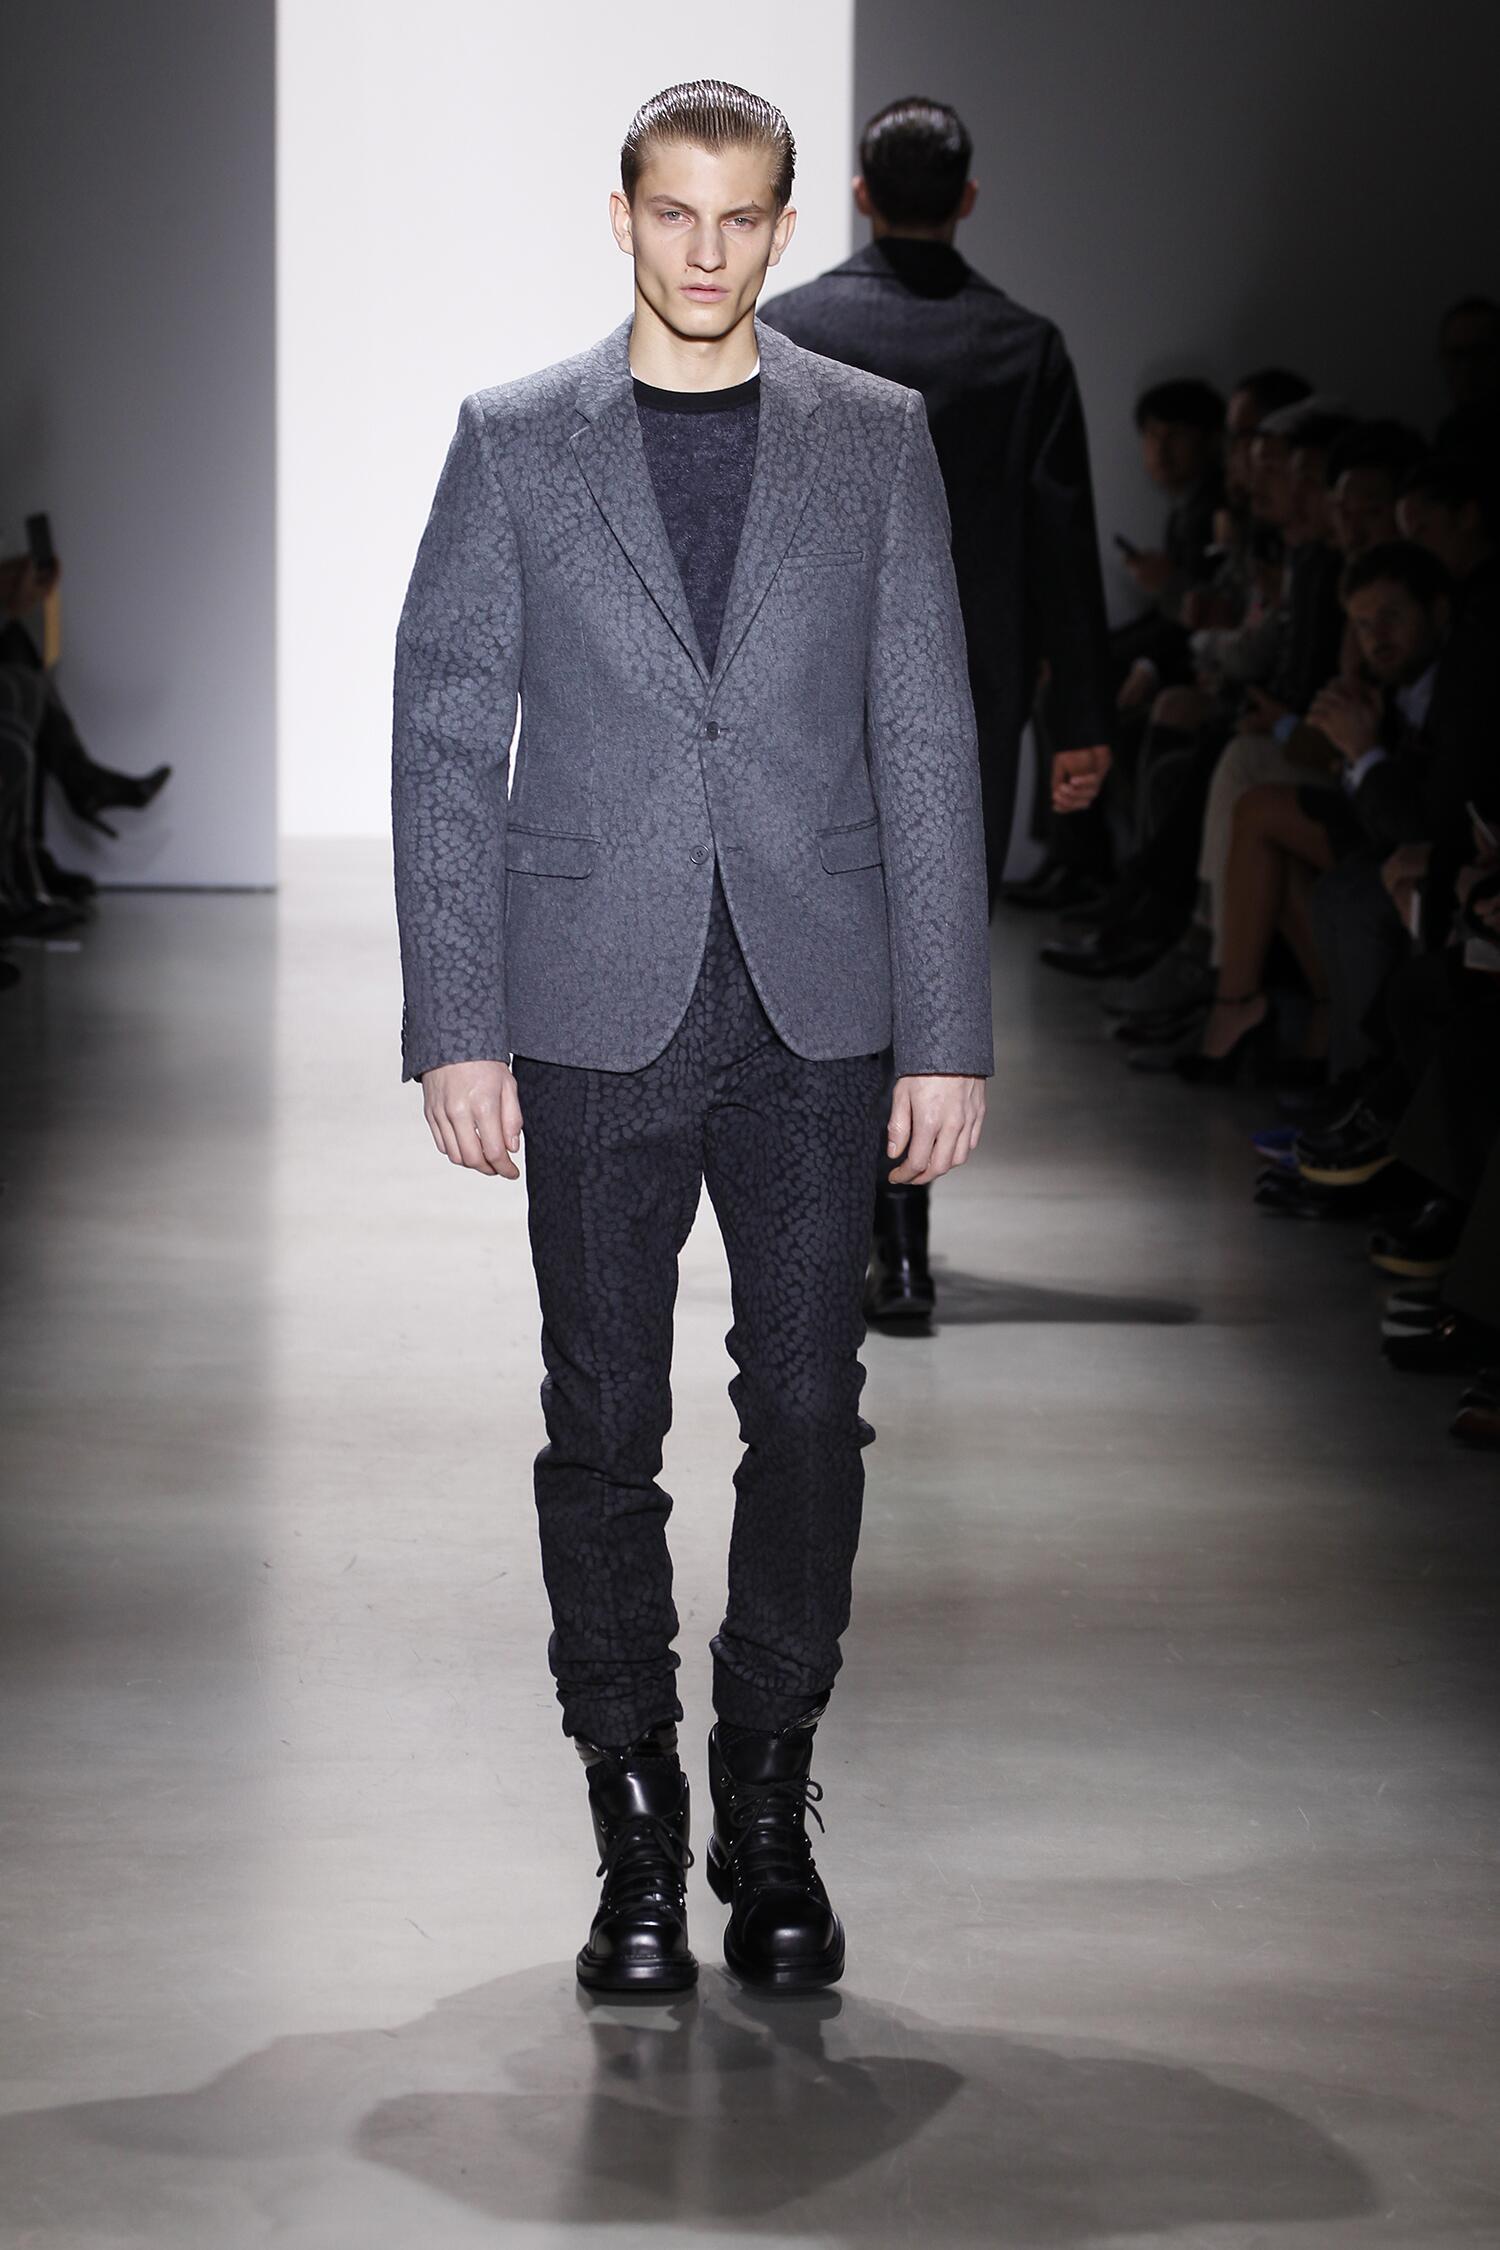 2016 Fall Fashion Man Calvin Klein Collection